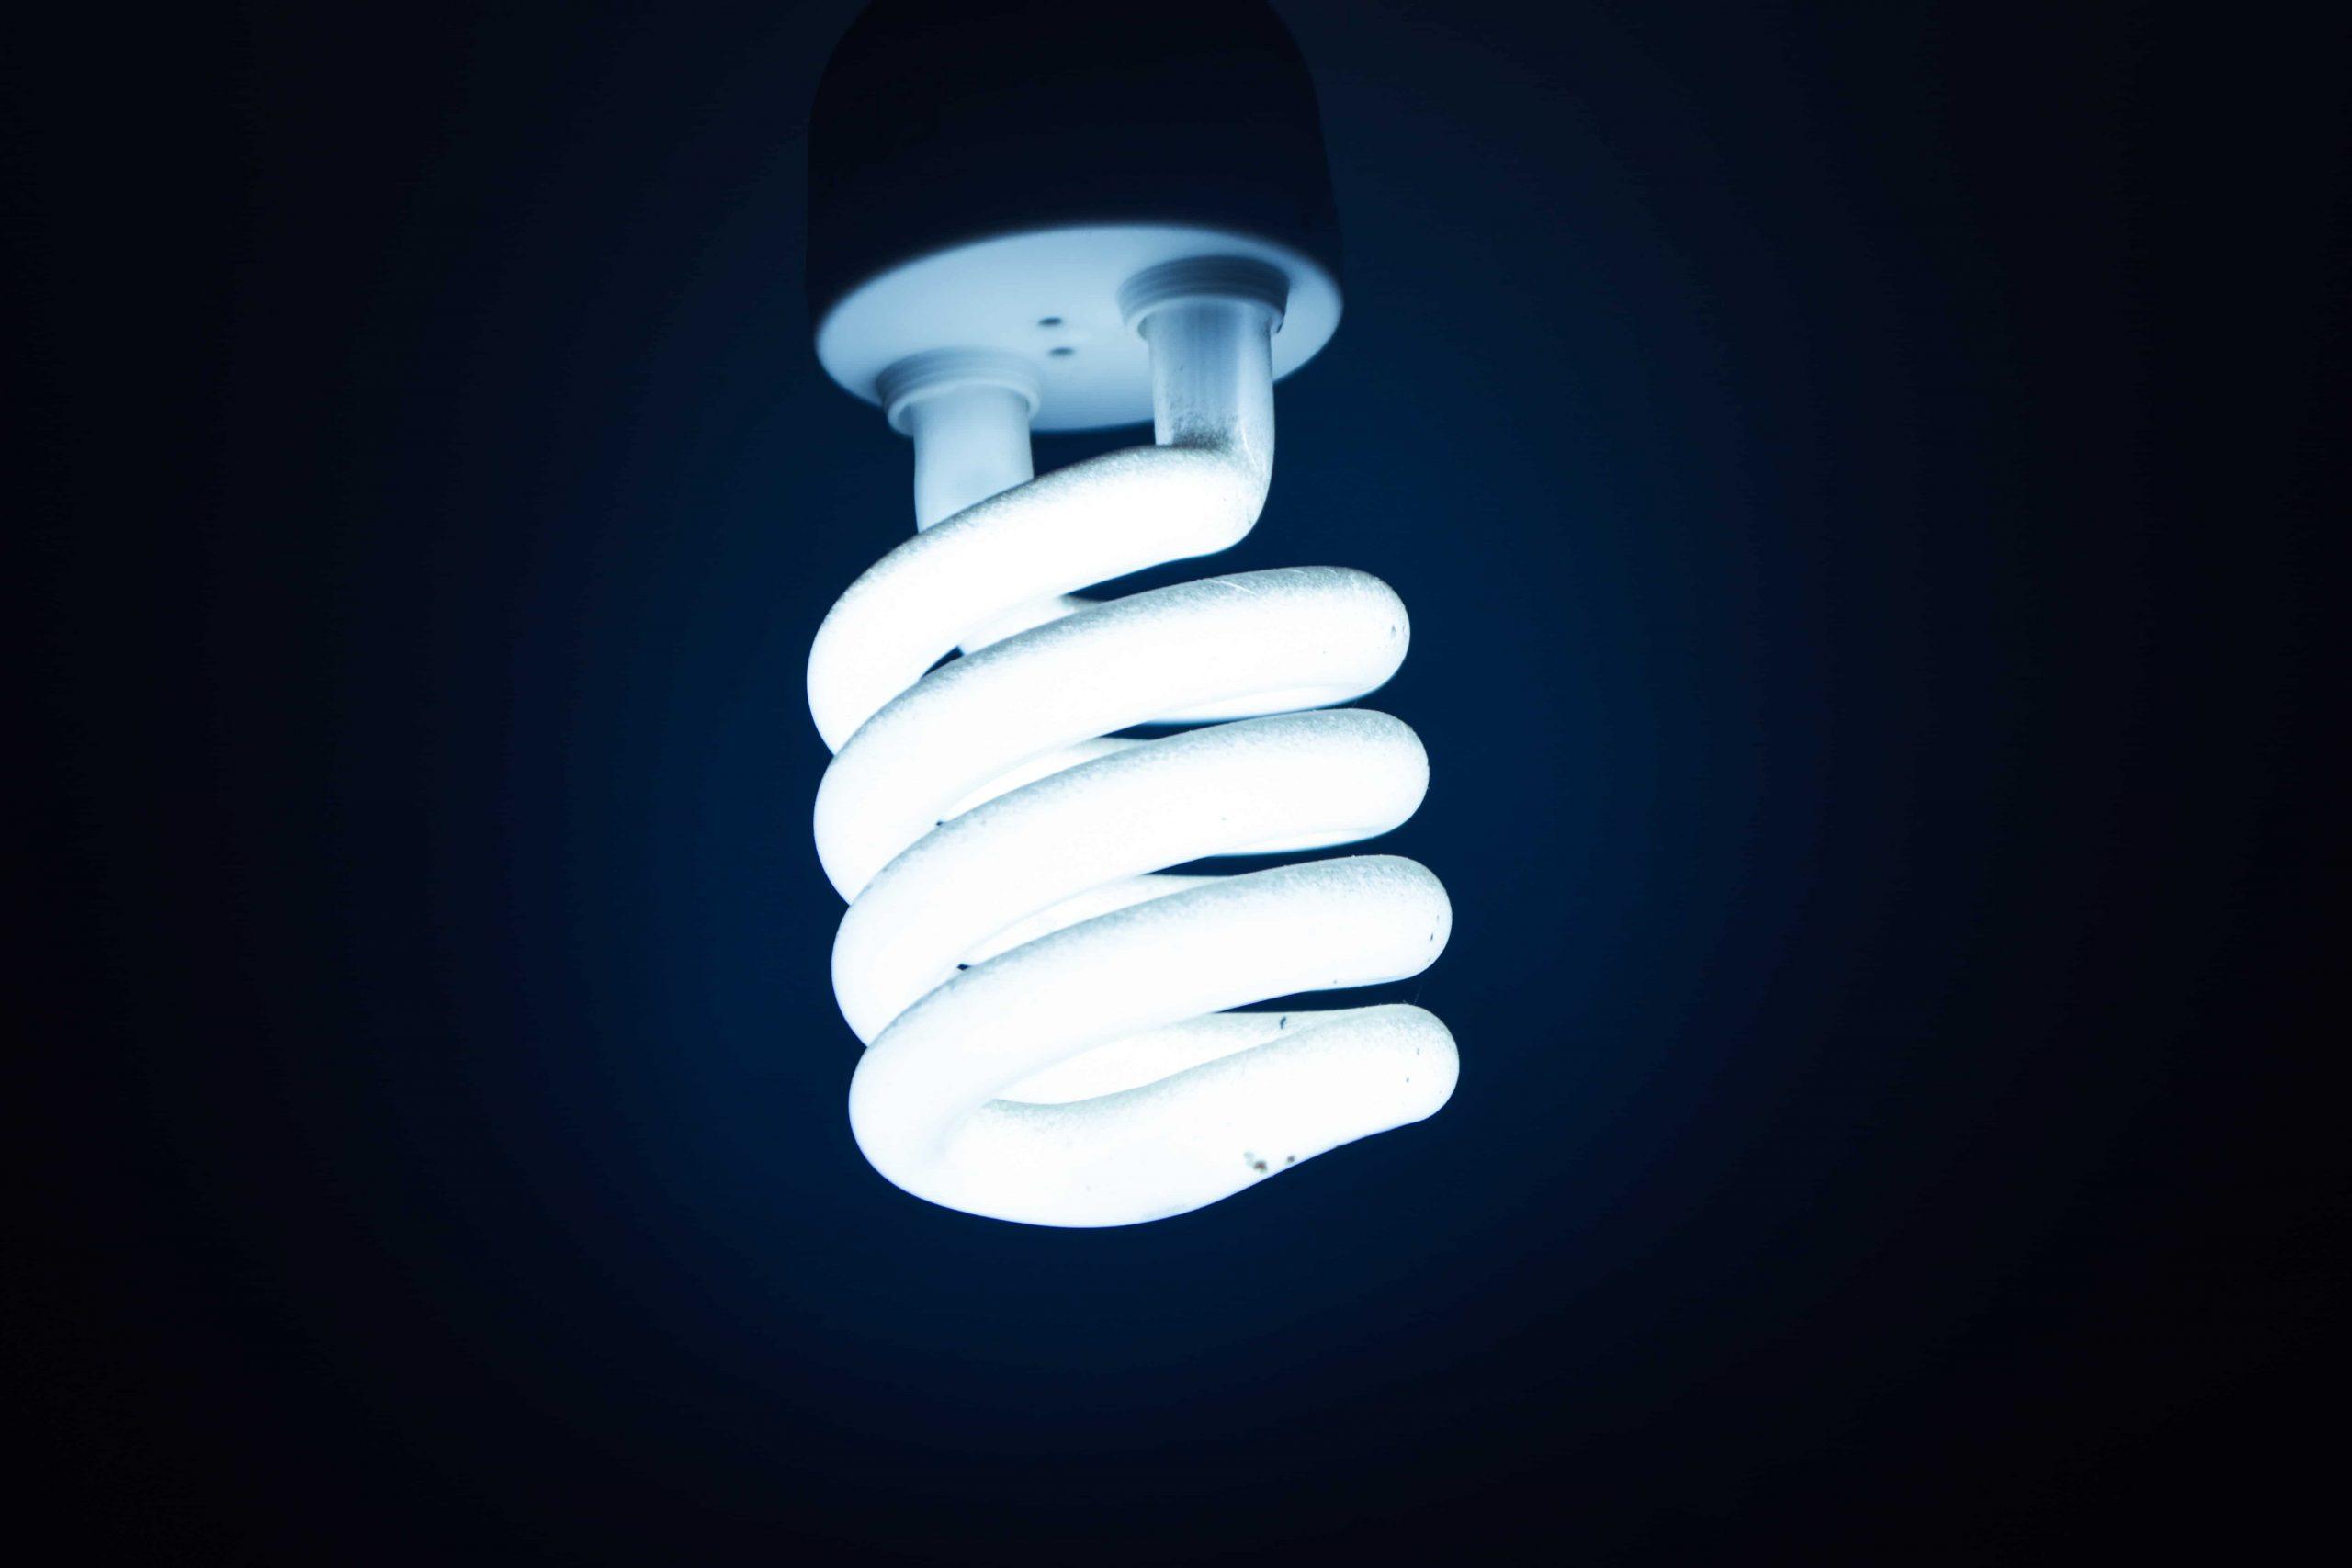 Energiesparlampe: Test & Empfehlungen (02/20)